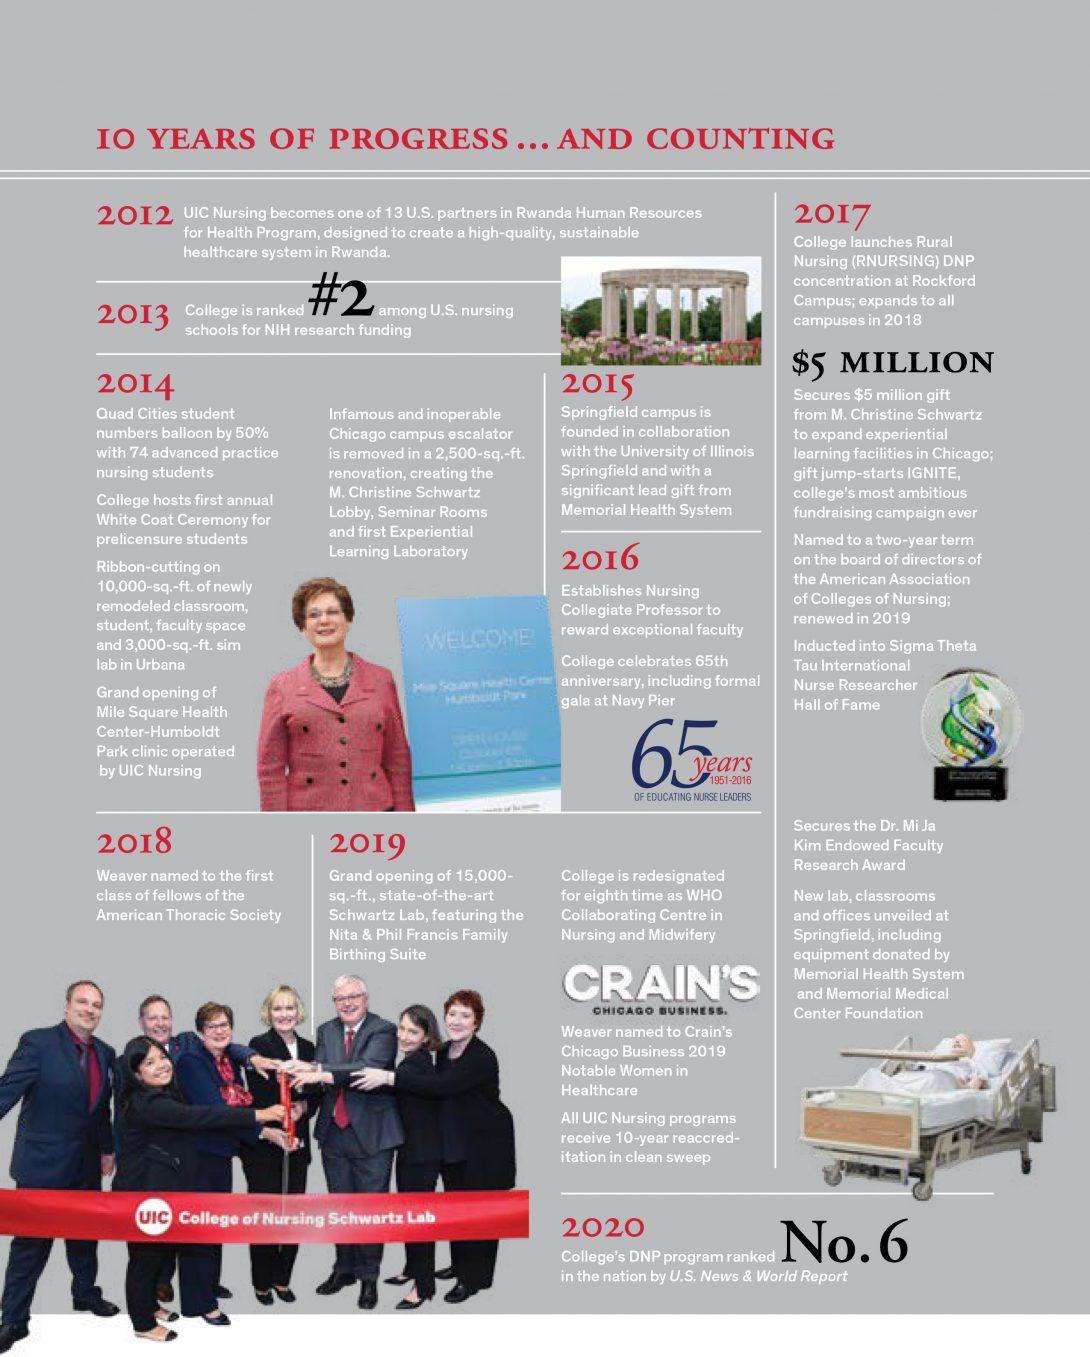 Infographic on career of Terri Weaver